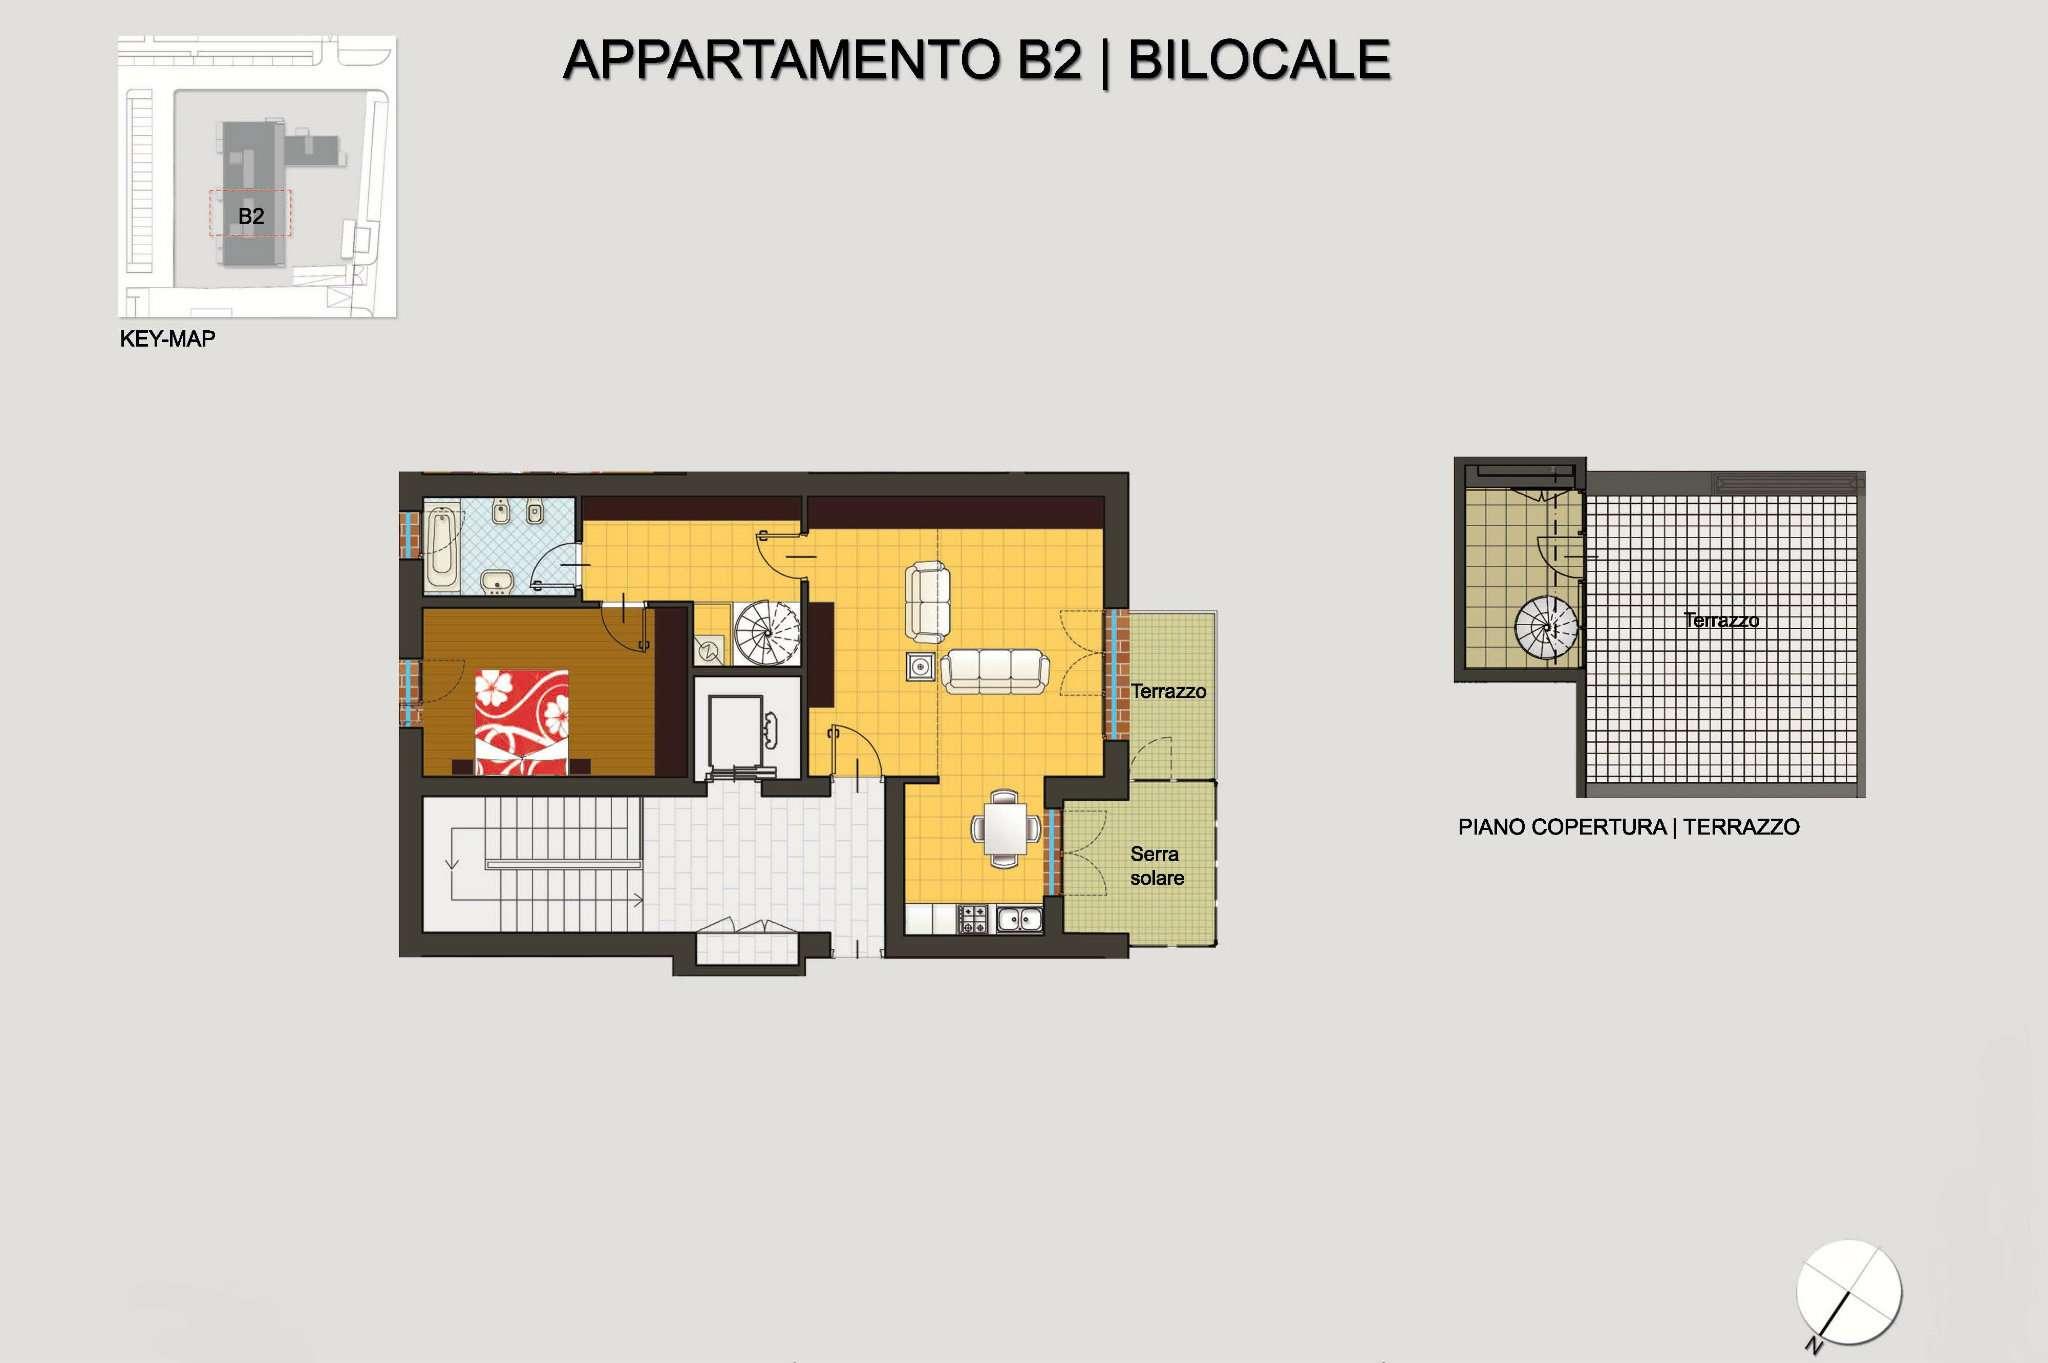 Appartamento in vendita a Pregnana Milanese, 2 locali, prezzo € 245.000 | CambioCasa.it